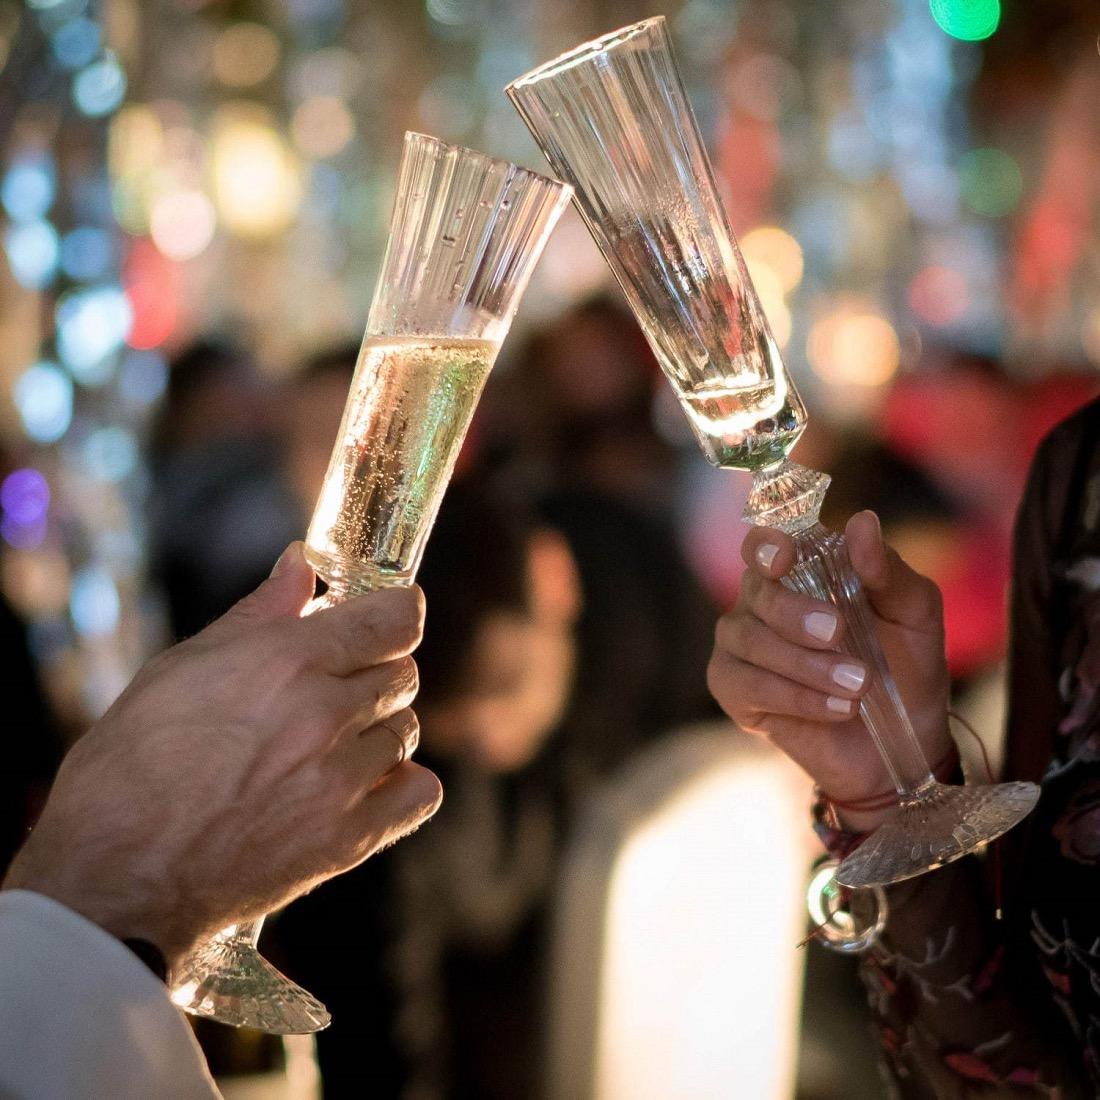 Baccarat ETERNAL LIGHTS Champagne Bar with TAITTINGERで提供されるテタンジェのシャンパーニュを注いだバカラのグラス